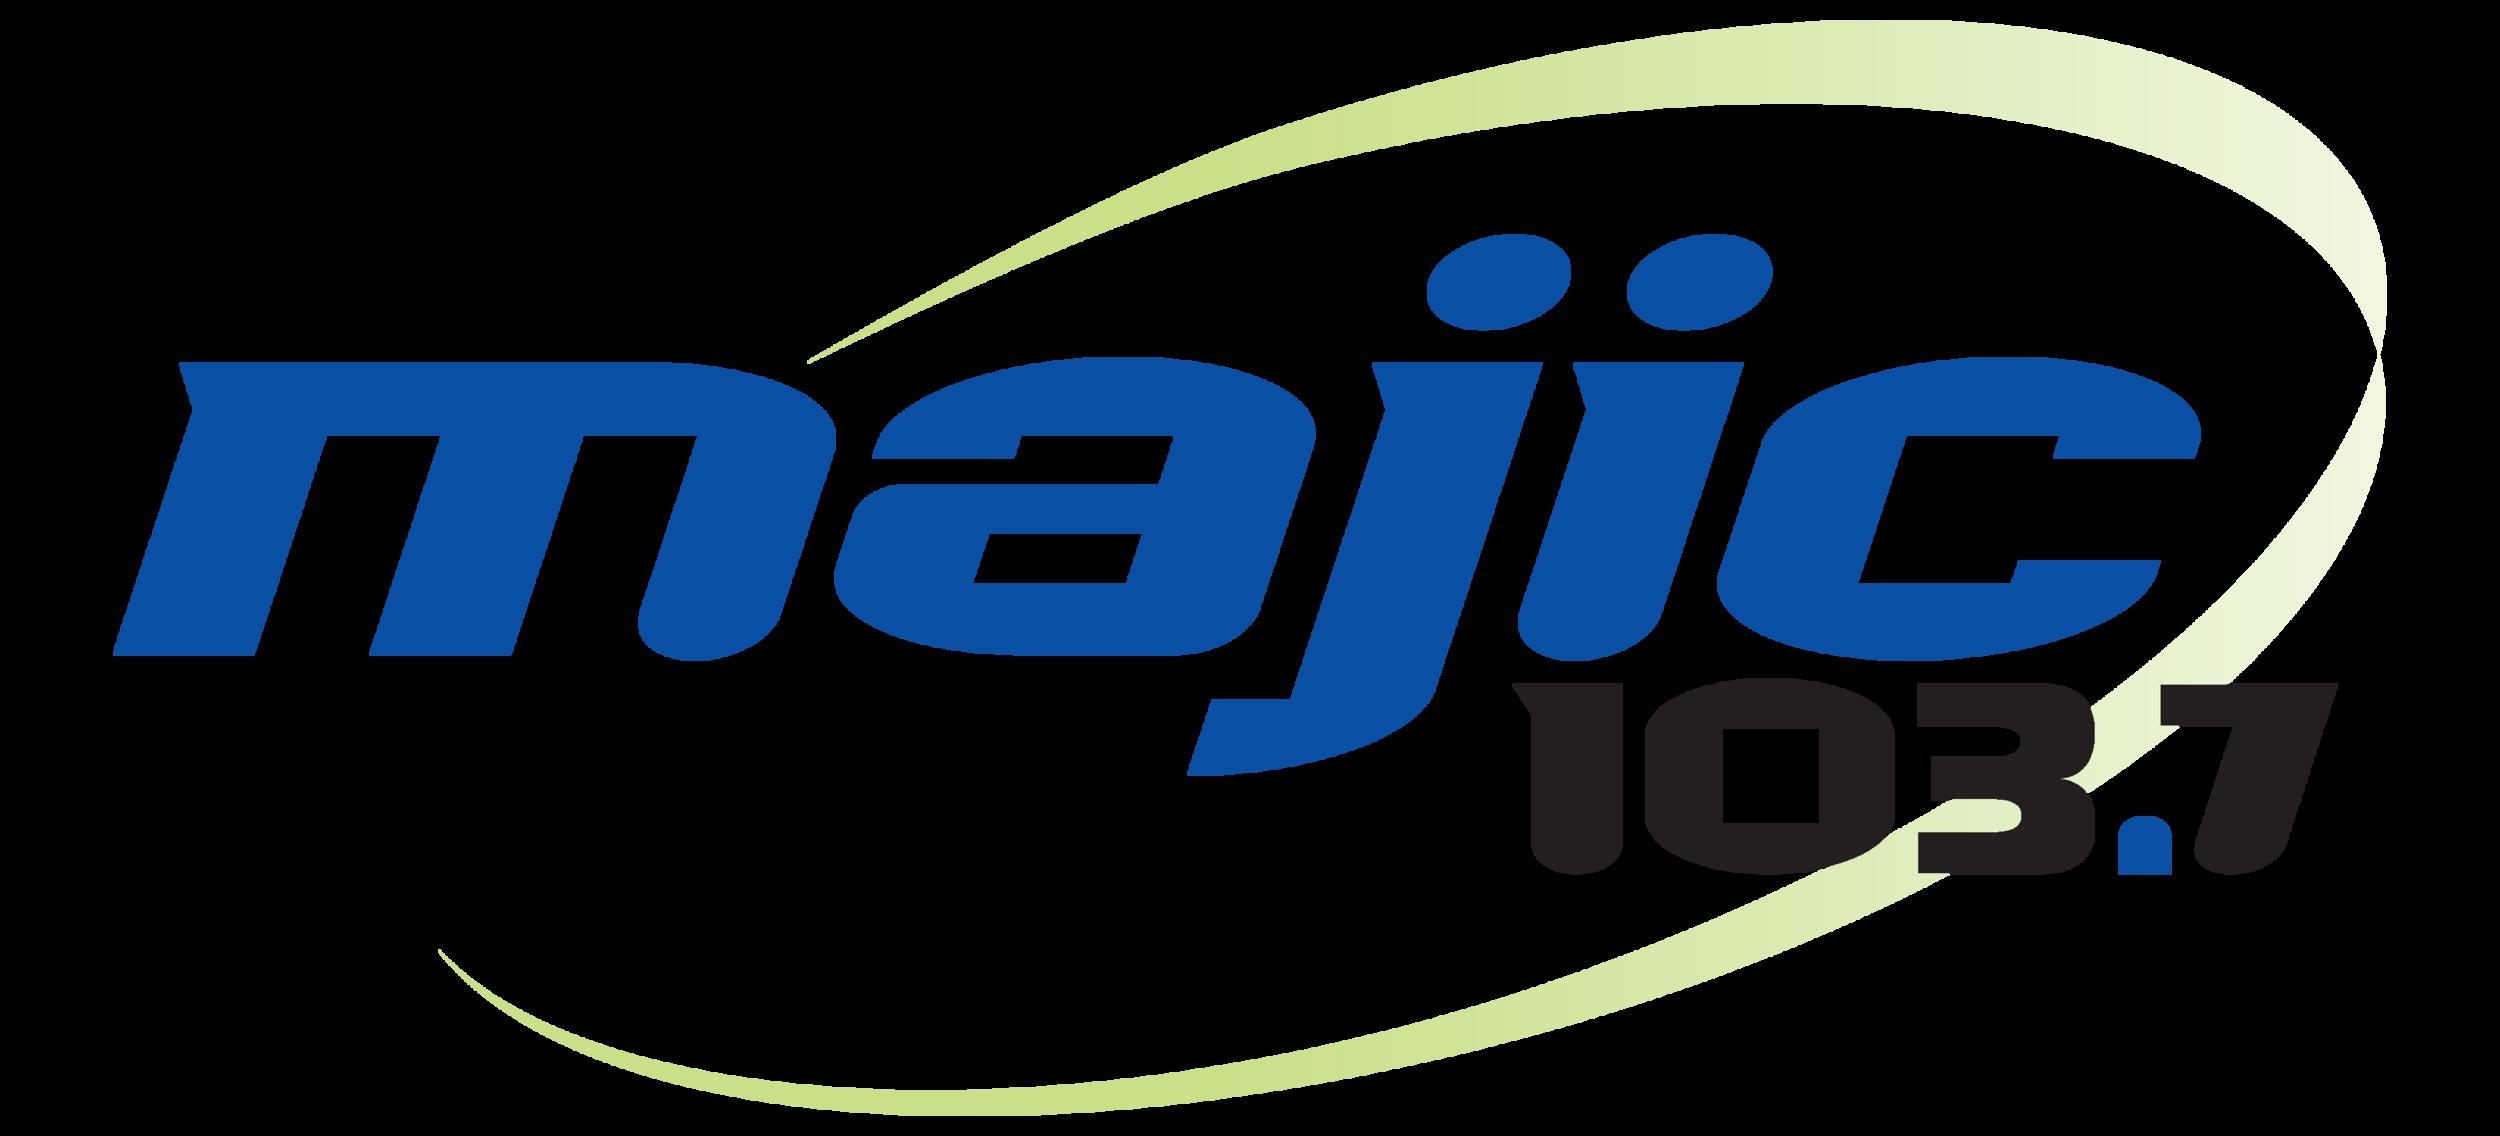 Majic1037_Logo.png